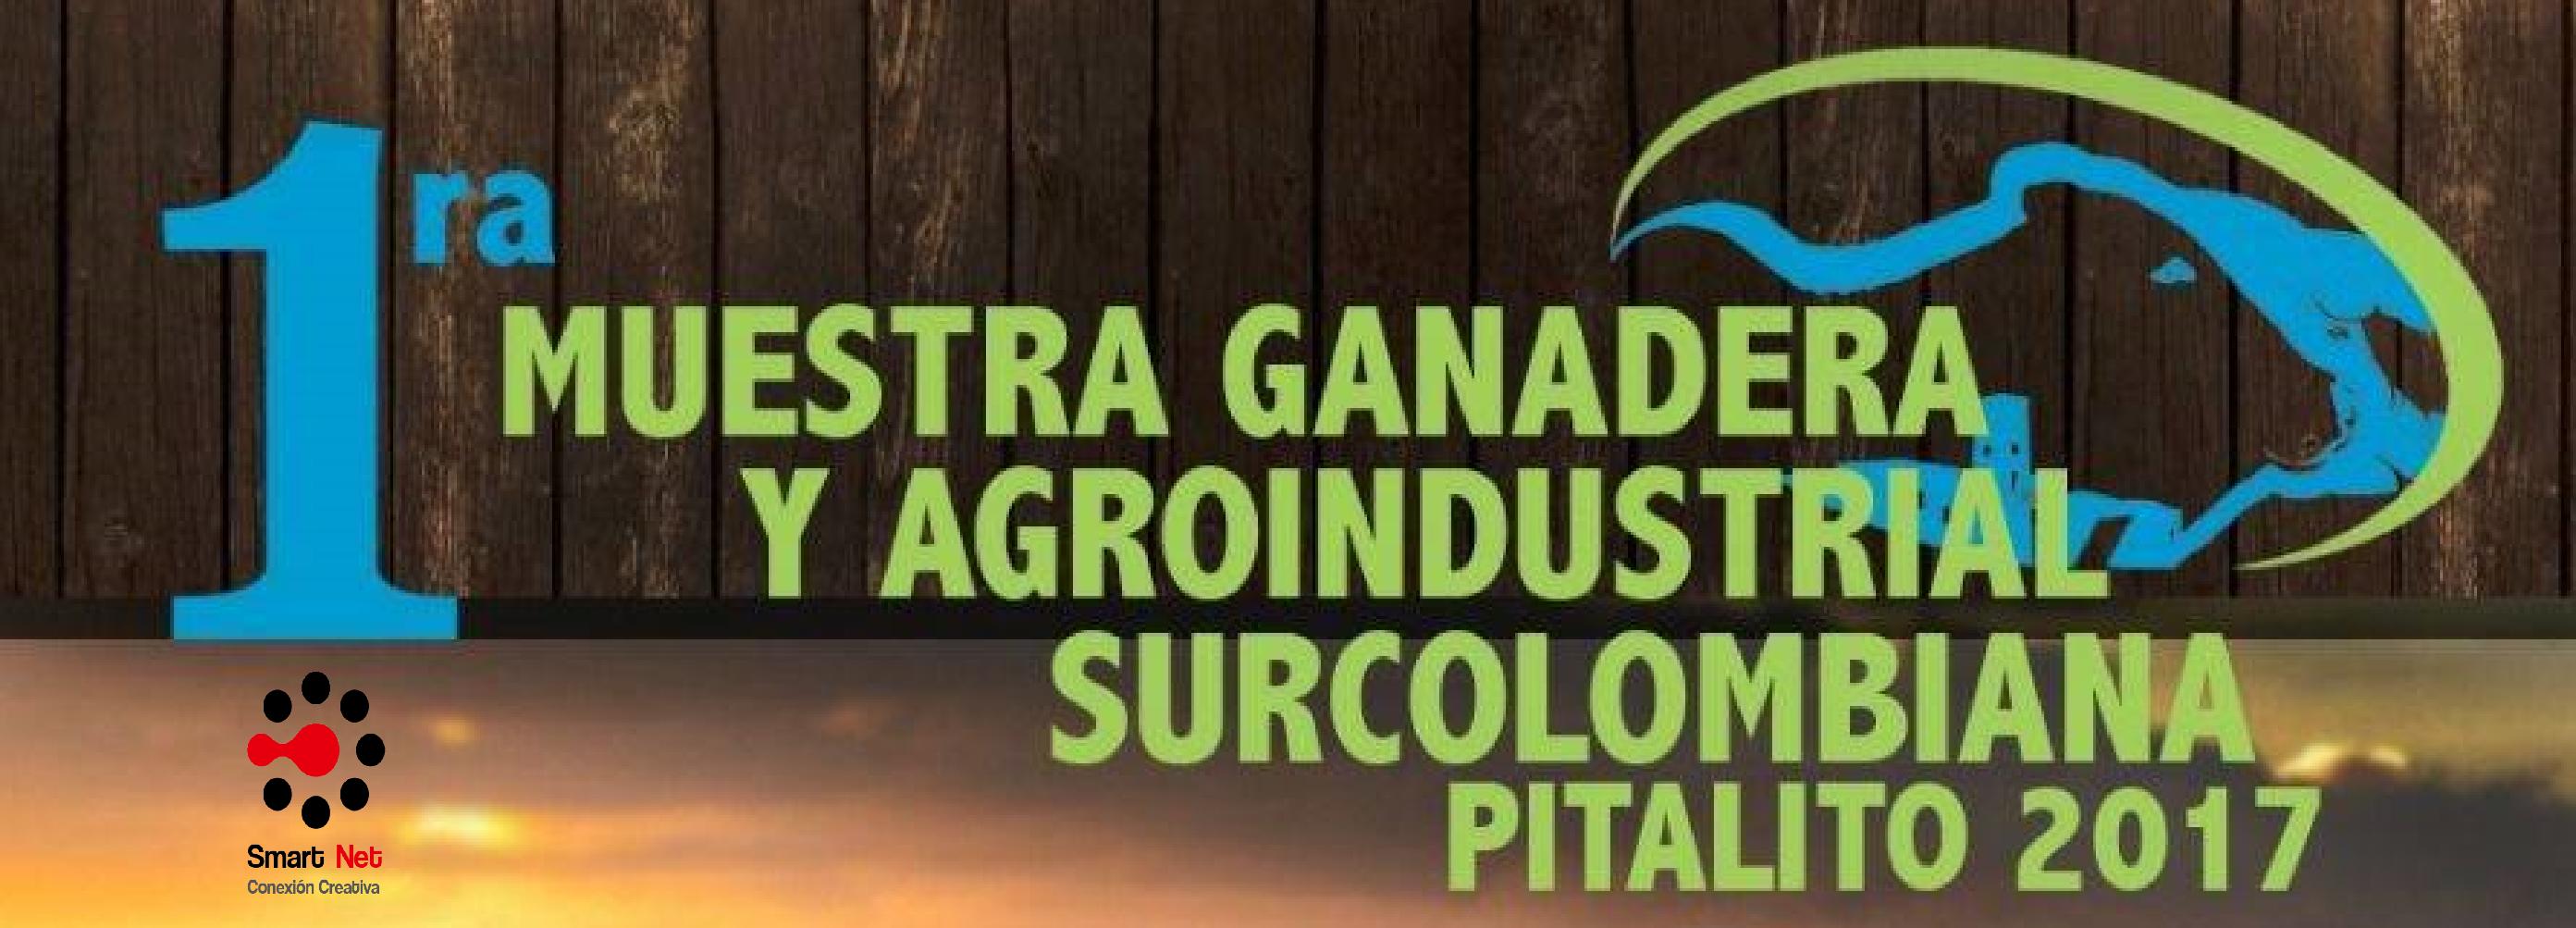 Primera Muestra Ganadera y Agroindustrial Surcolombiana 2017